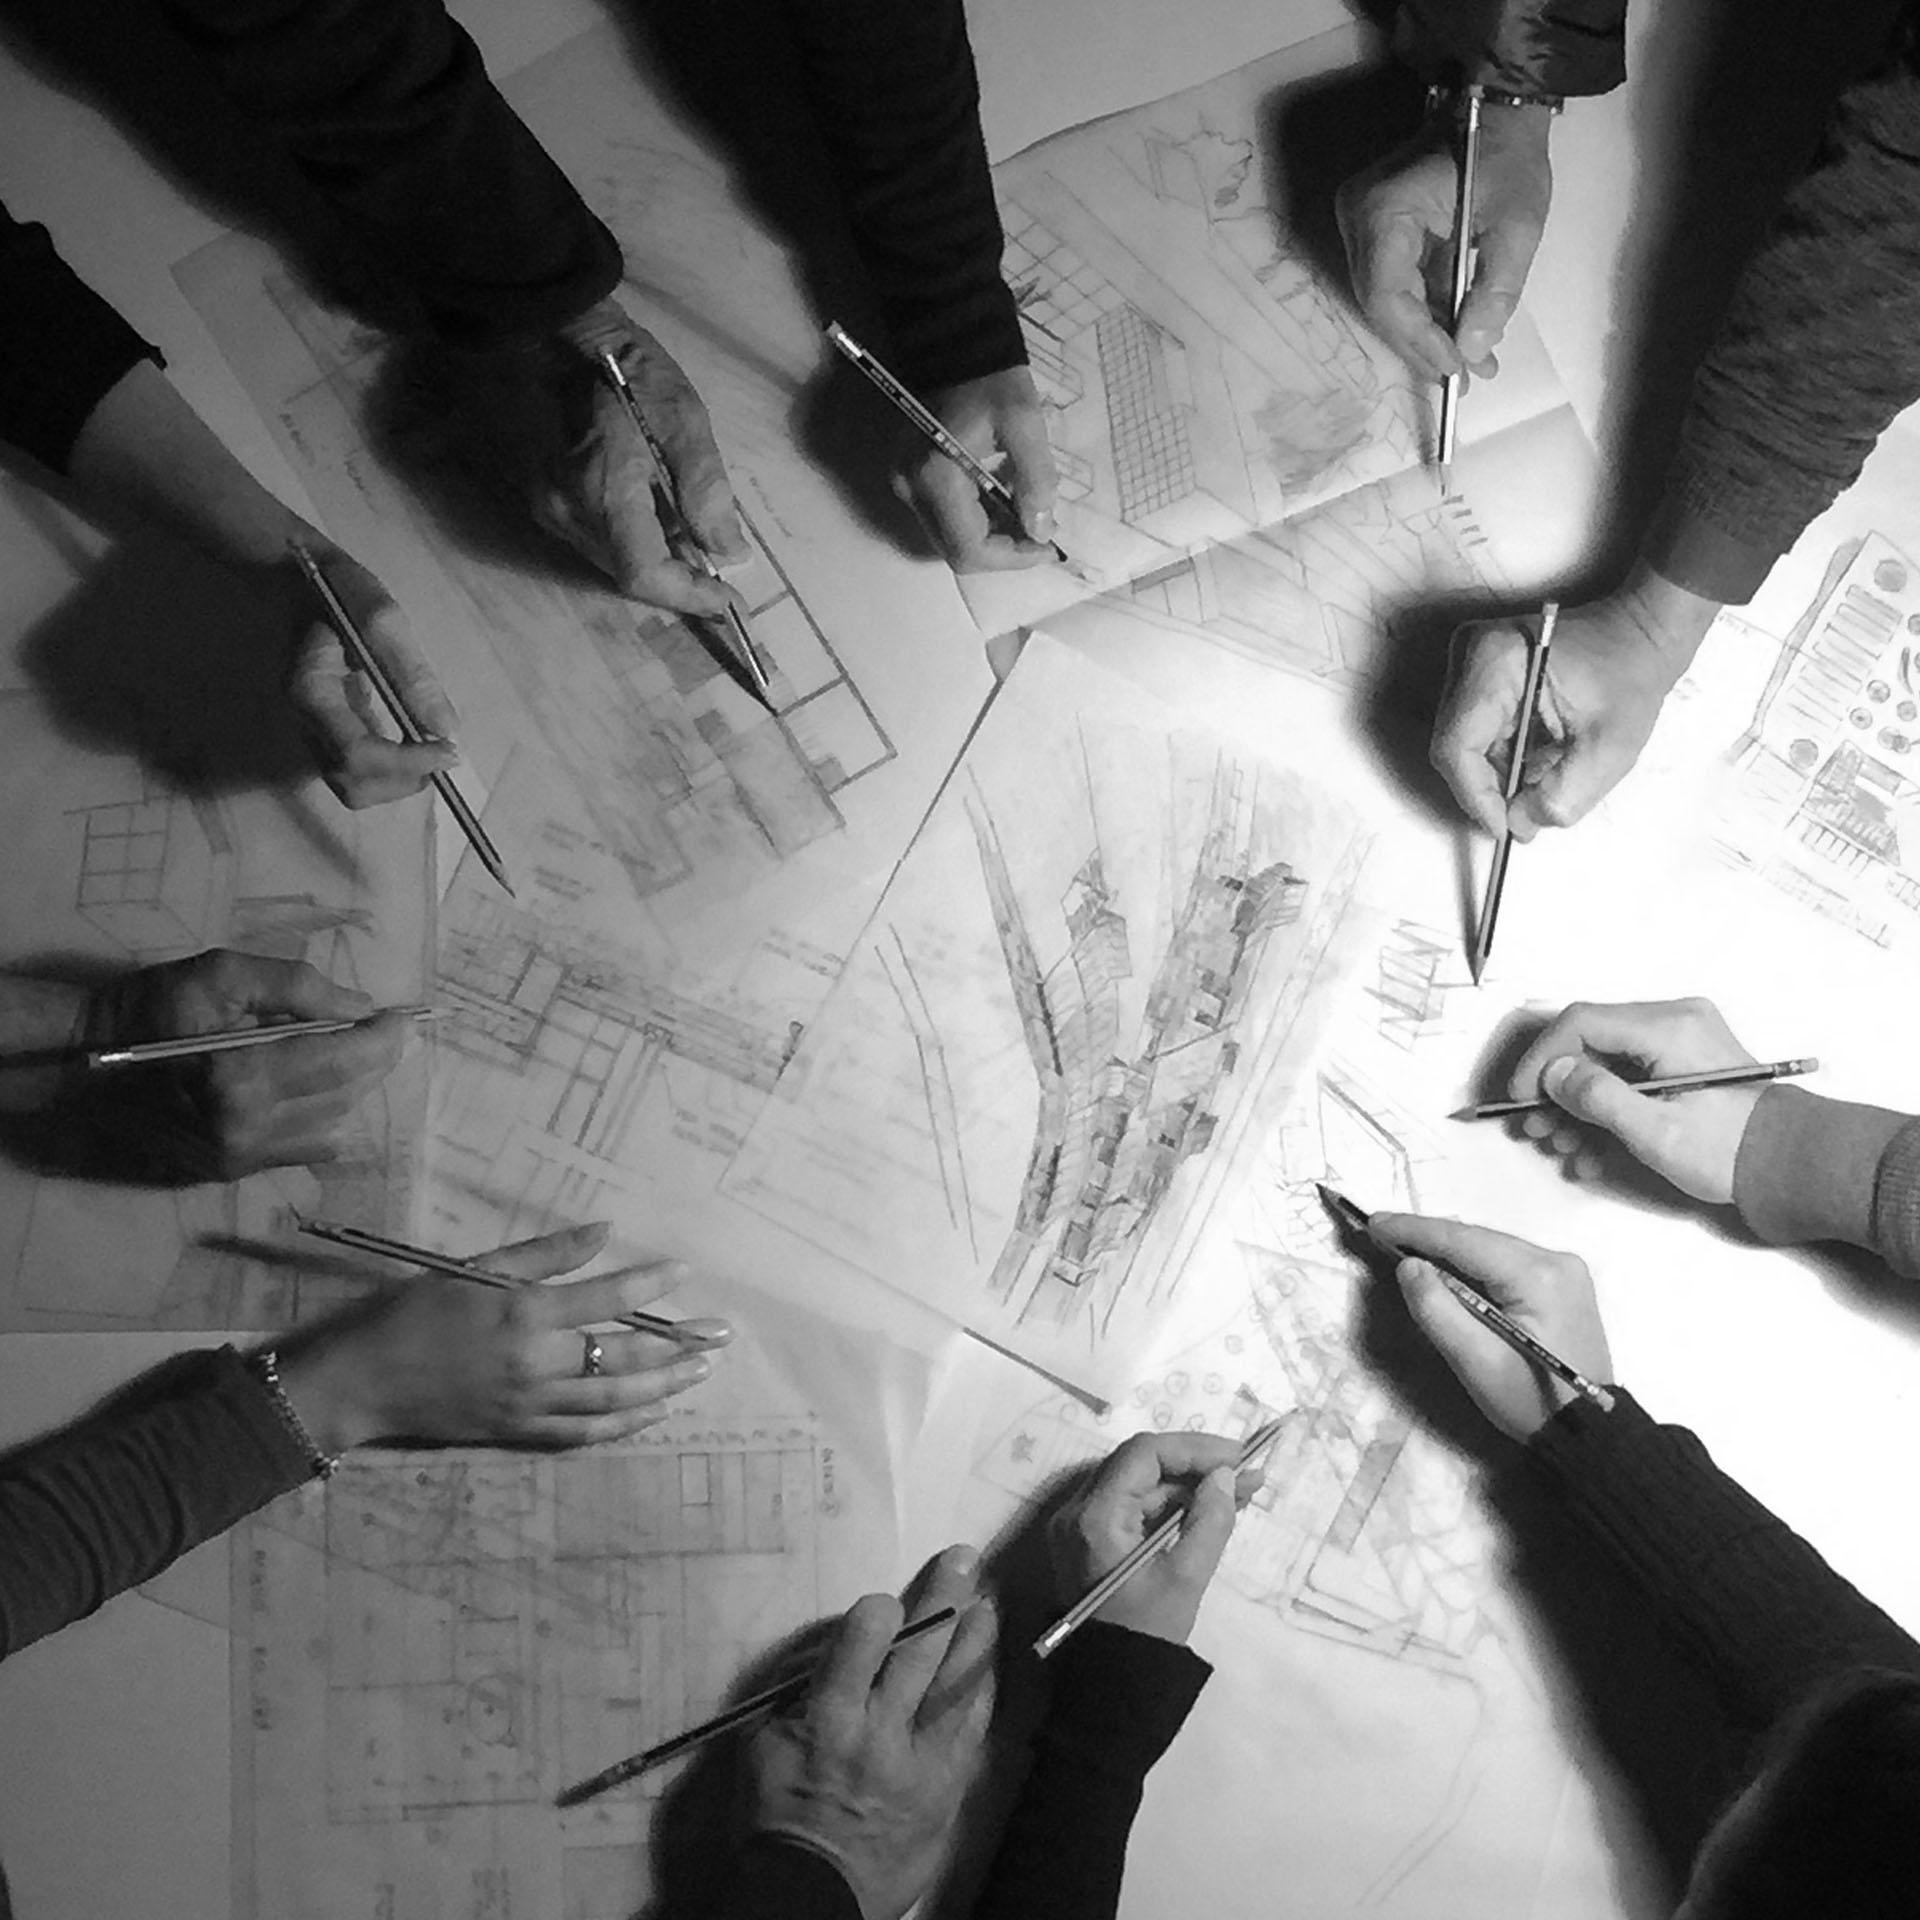 Mani dei componenti dello studio 2CV_A che progettano insieme.